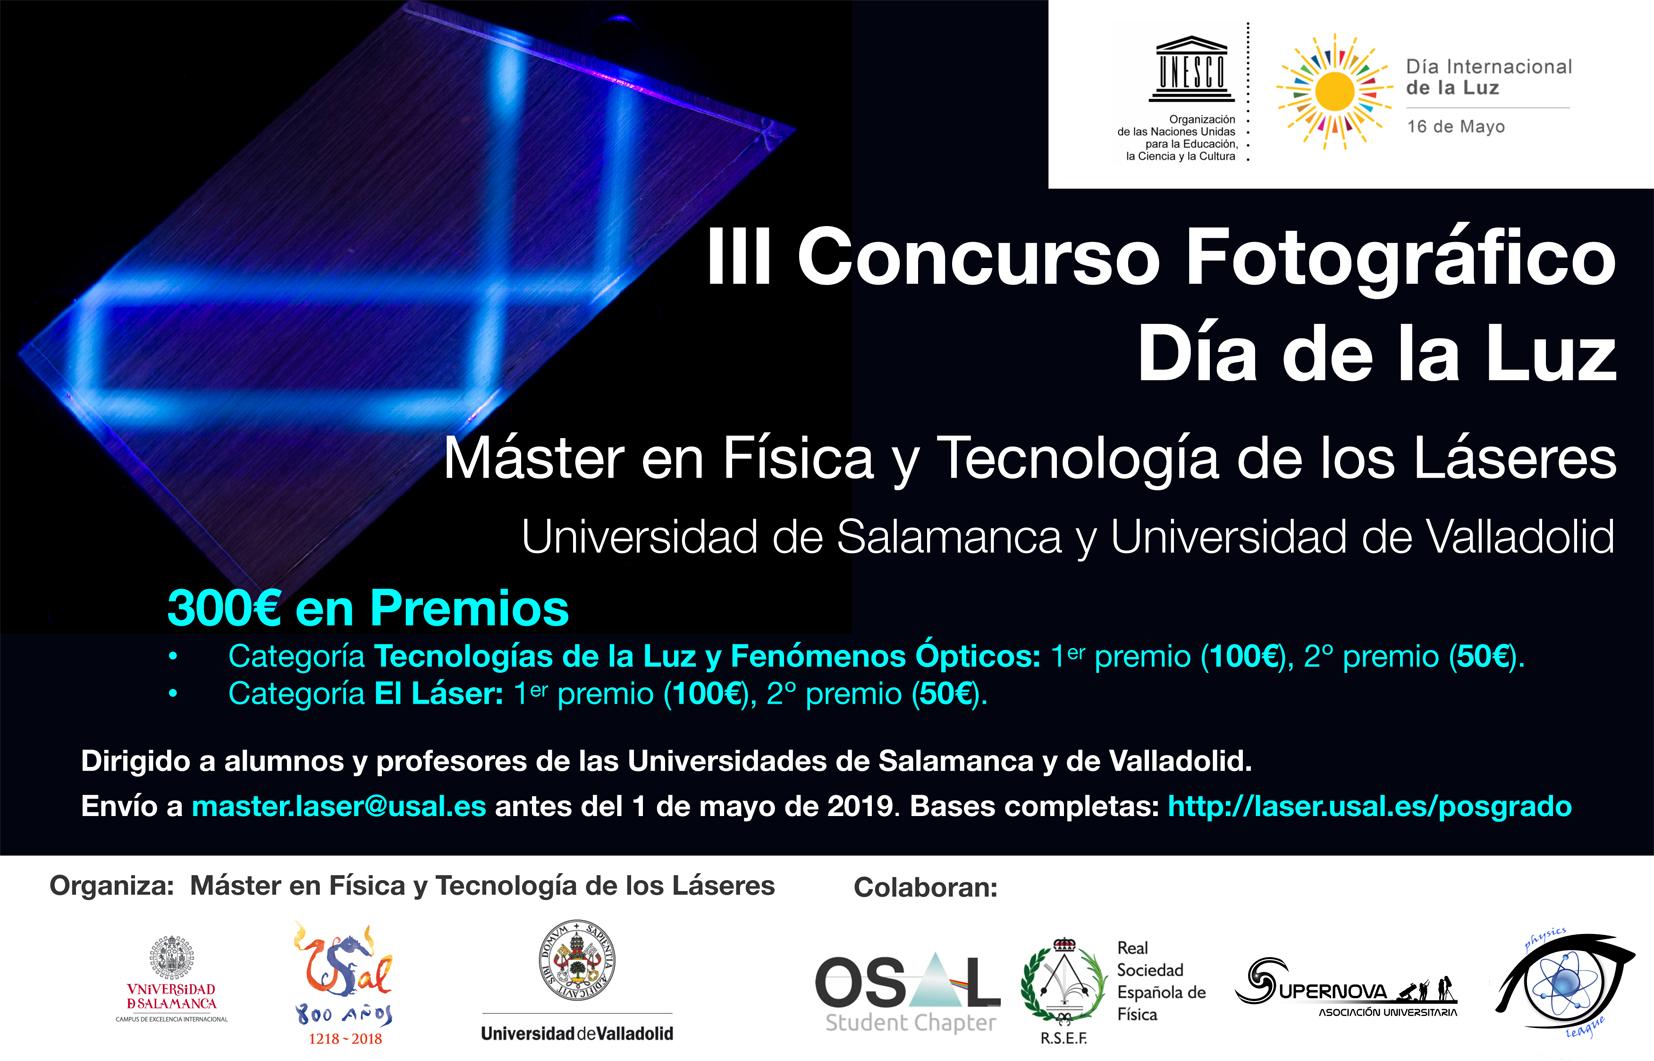 Abierto el plazo para participar en el Concurso de Fotografía «Día de la Luz» 2019